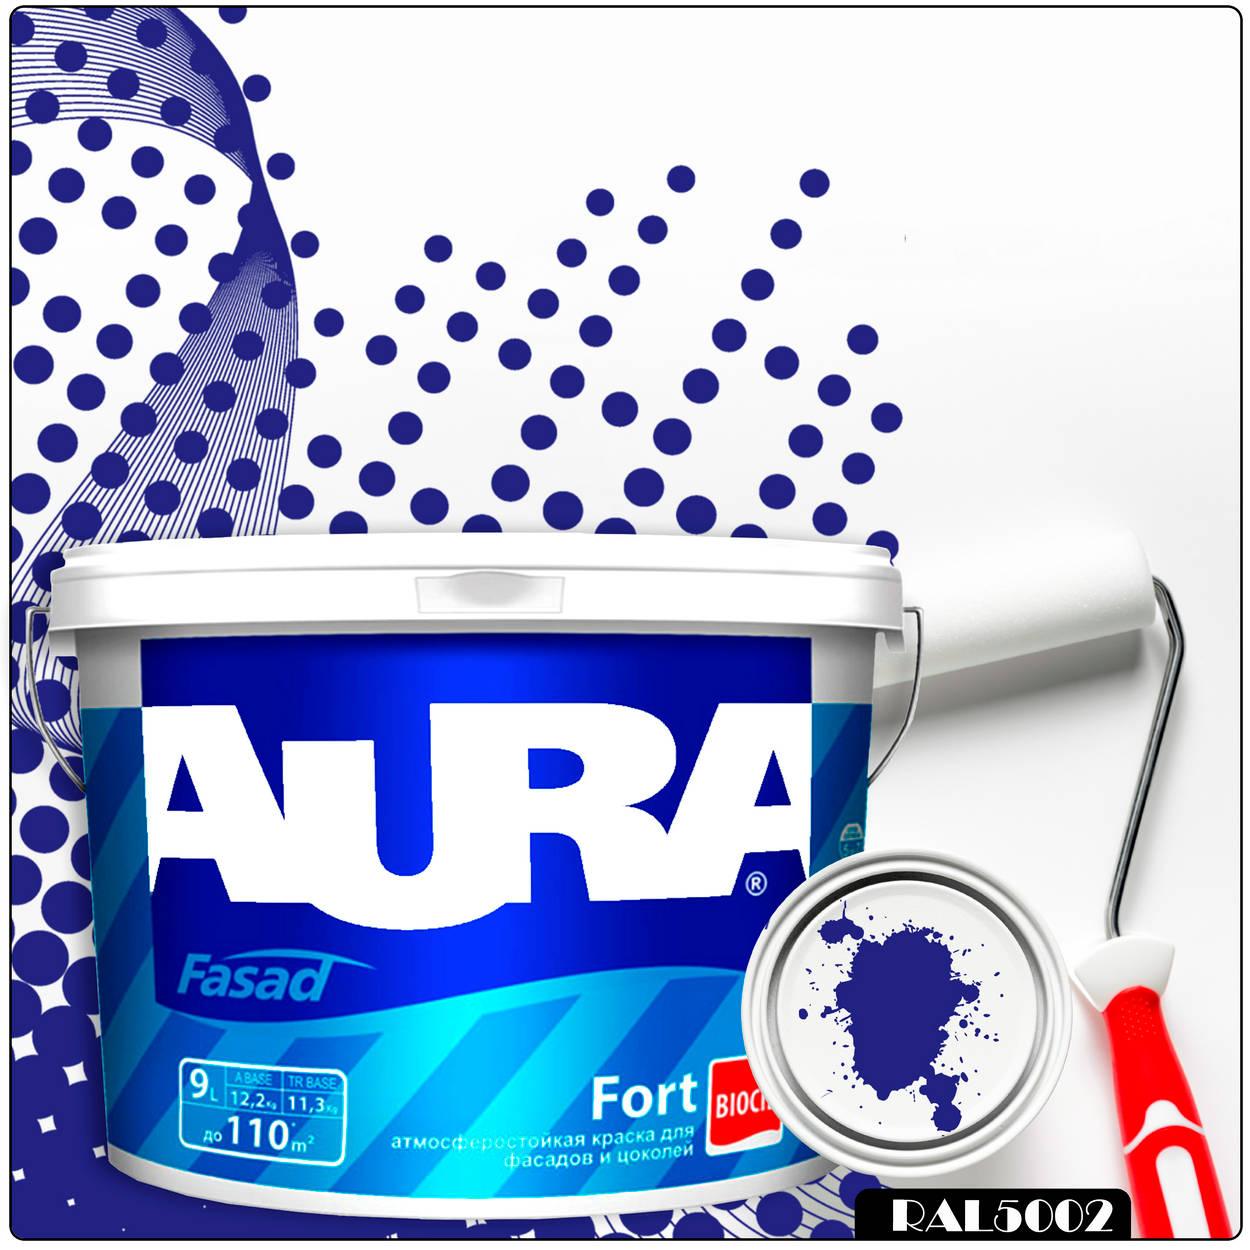 Фото 3 - Краска Aura Fasad Fort, RAL 5002 Ультрамариново-синий, латексная, матовая, для фасада и цоколей, 9л, Аура.